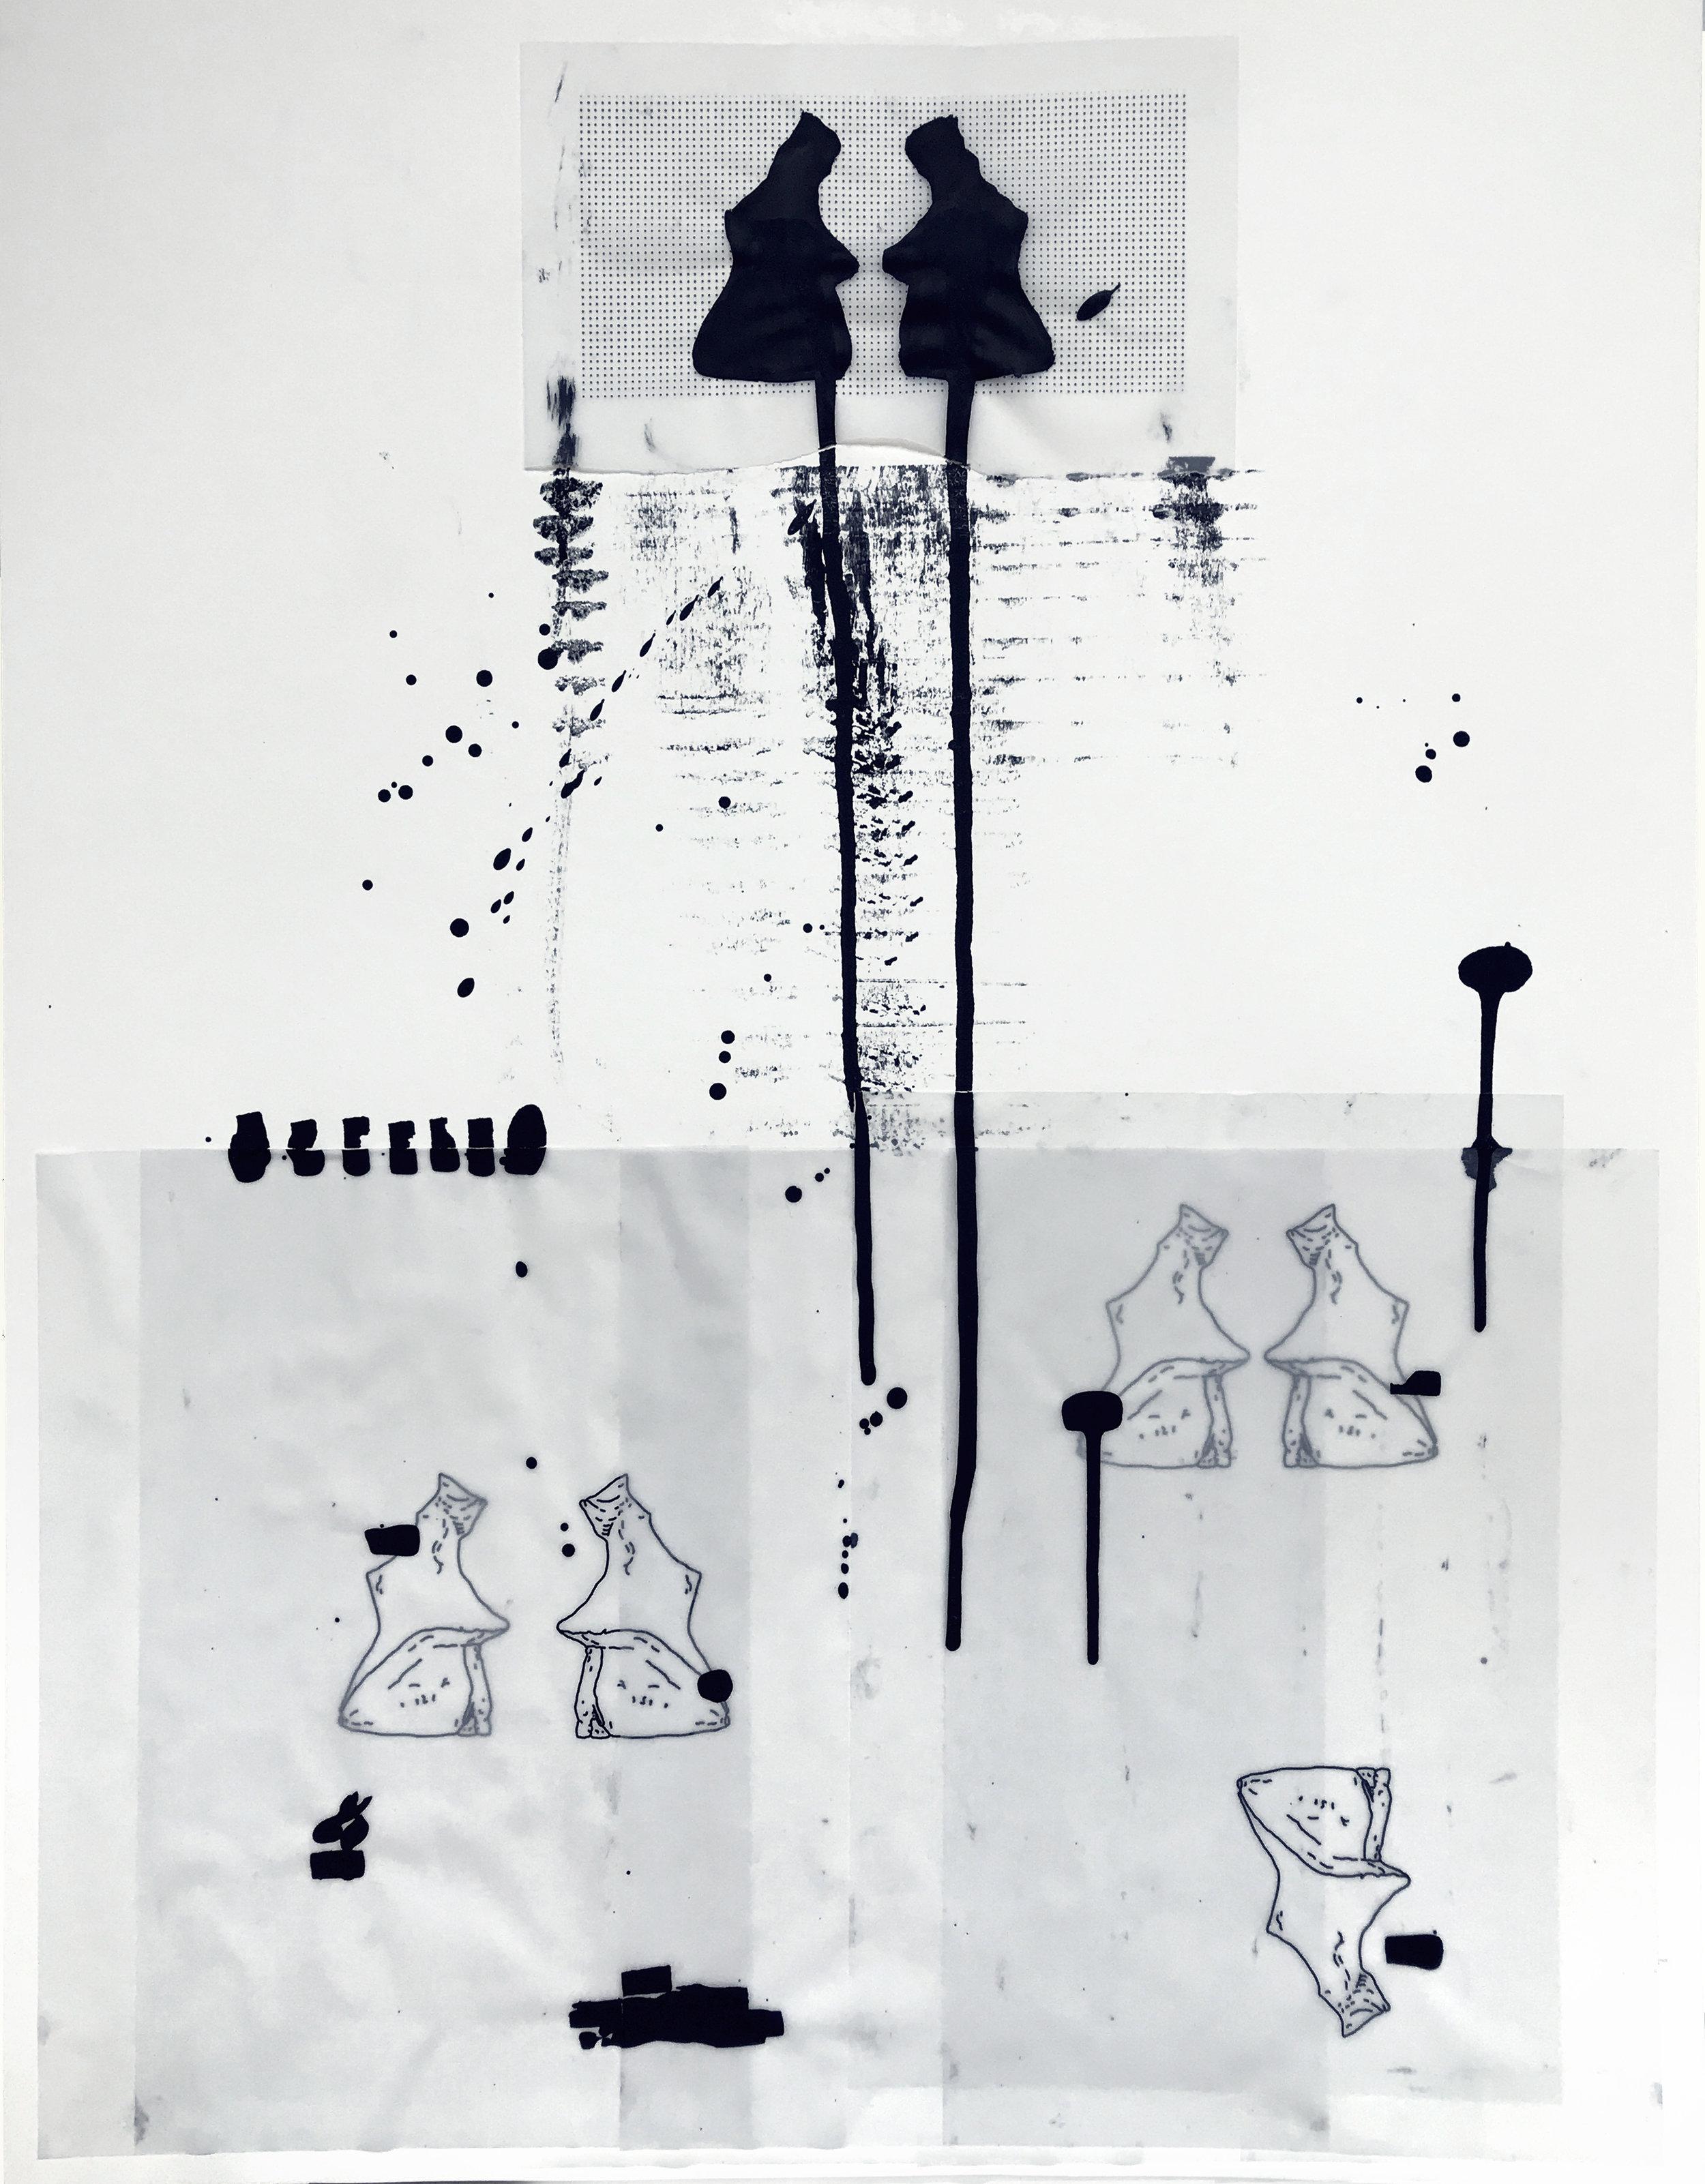 %22Detrás del espejo _ 20%22 - Técnica mixta sobre papel - 65 x 50 cm - Julián Brangold - 2018.jpg